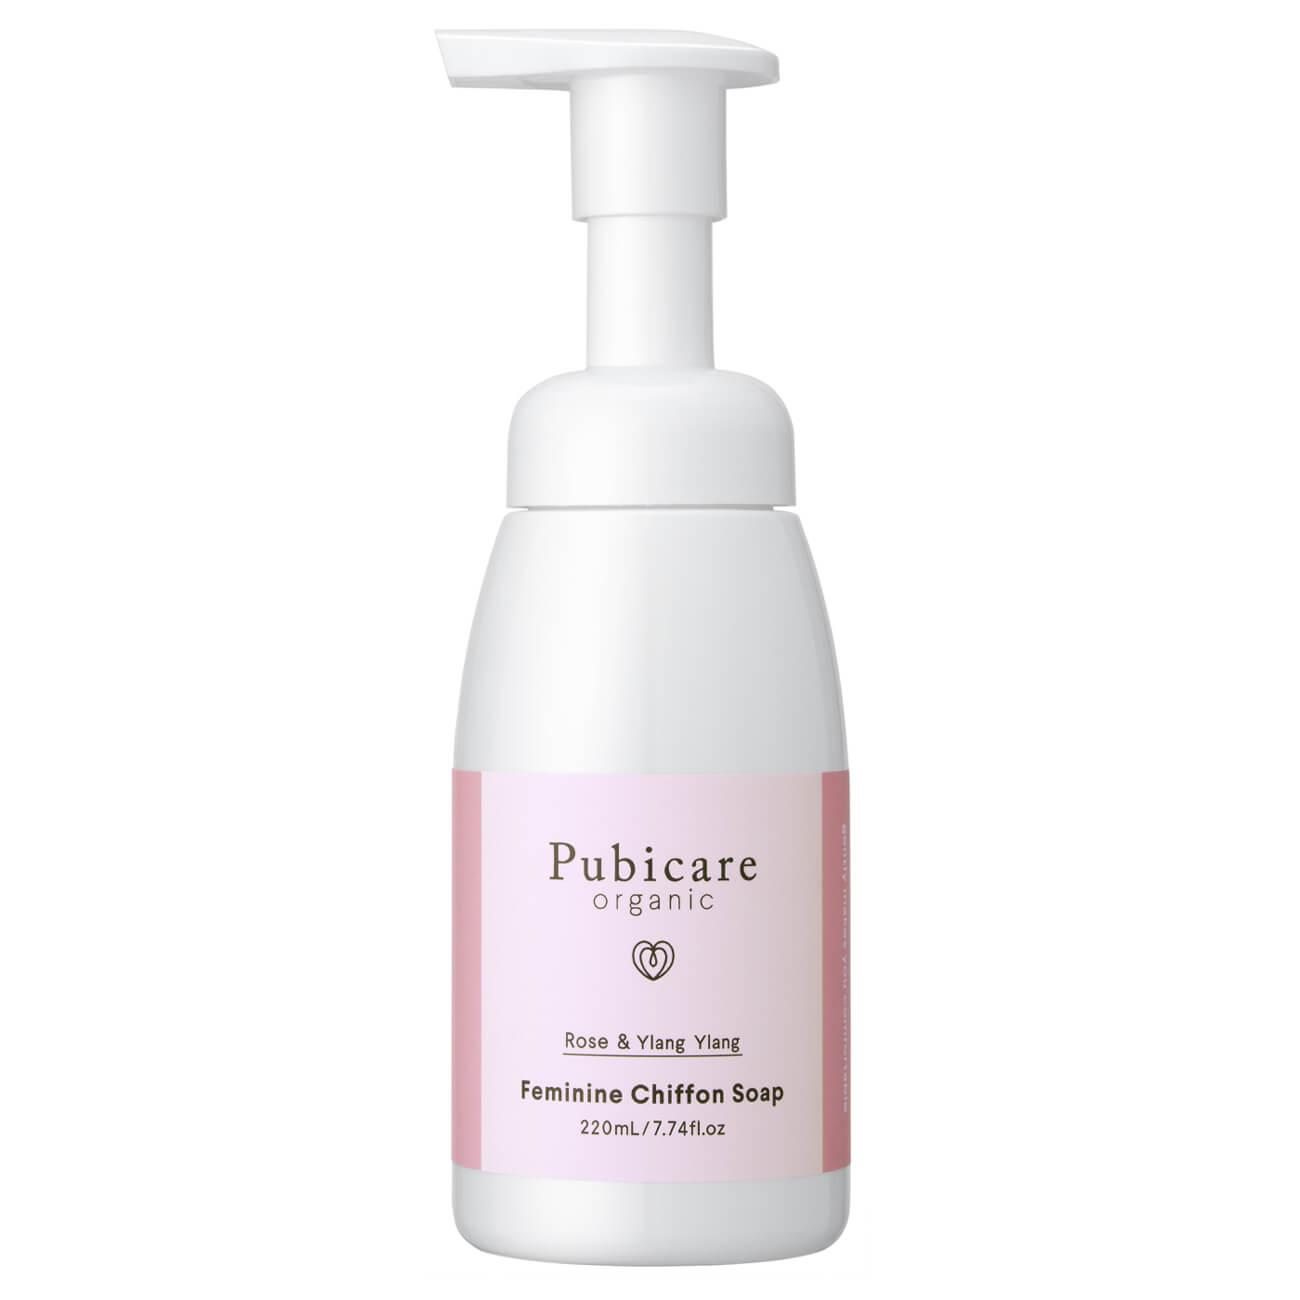 Pubicare organic フェミニンシフォンソープ 低刺激ながらまろやかな泡でしっかり清潔に ¥2310/たかくら新産業